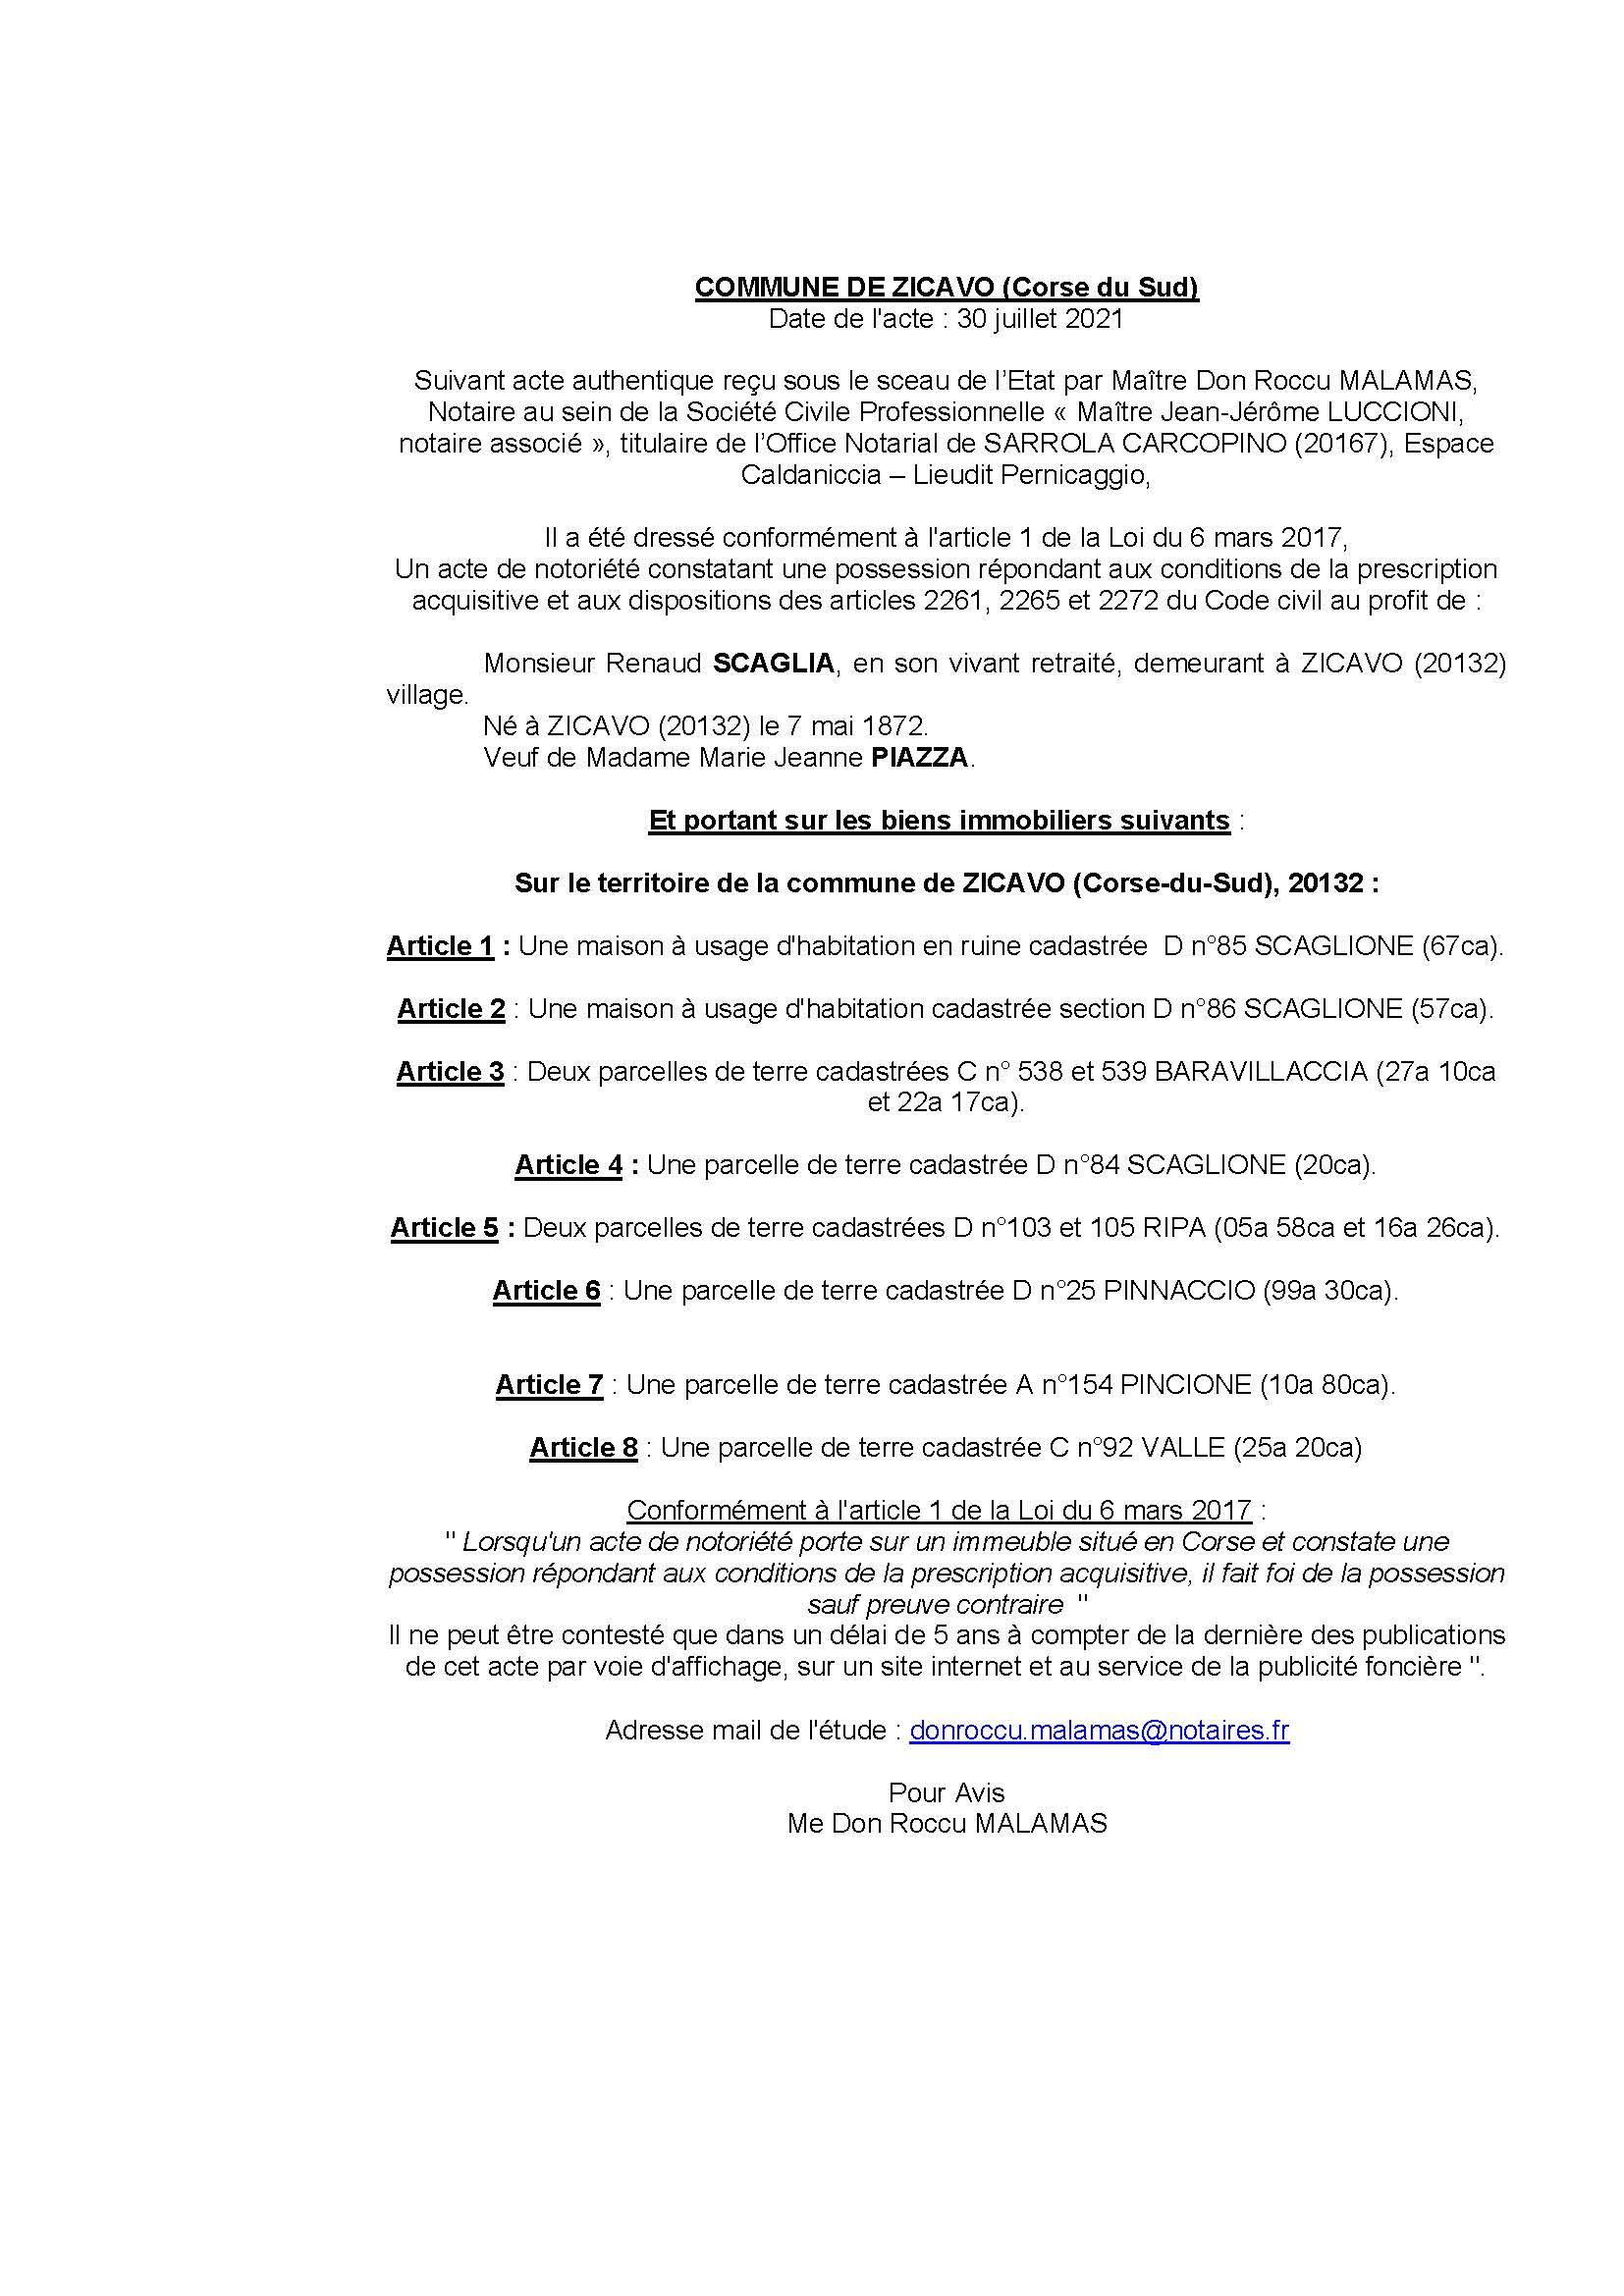 Avis de création de titre de propriété - Commune de Zicavo (Corse-du-Sud)